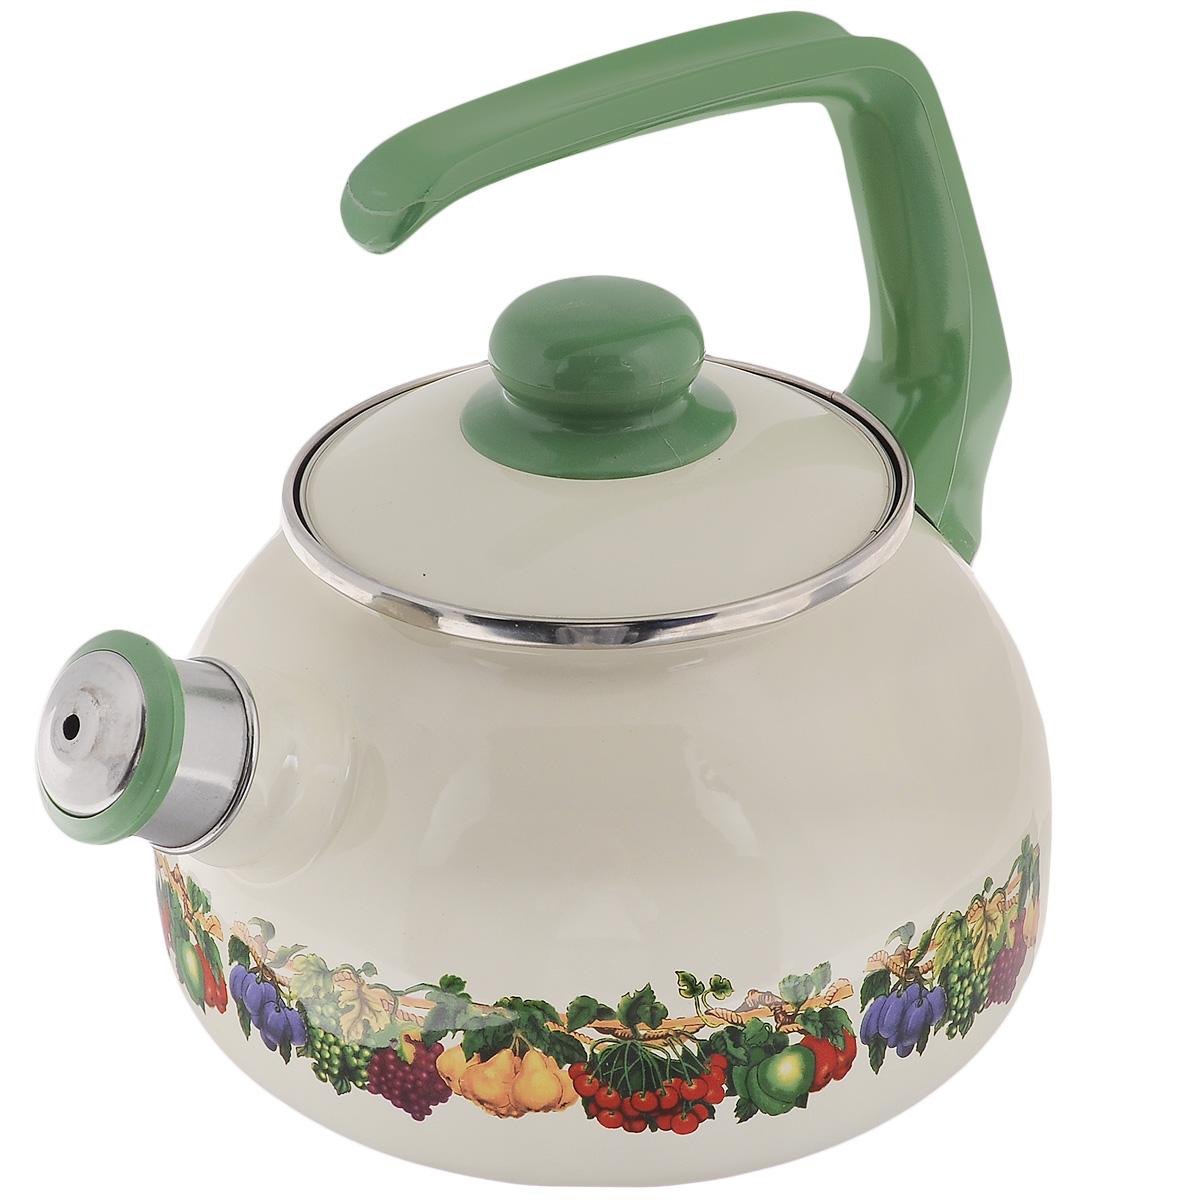 Чайник Metrot Фруктовый сад, со свистком, 2,5 л107112Чайник Metrot Фруктовый сад выполнен из высококачественной стали, что обеспечивает долговечность использования. Внешнее цветное эмалевое покрытие придает приятный внешний вид. Бакелитовая фиксированная ручка делает использование чайника очень удобным и безопасным. Чайник снабжен съемным свистком.Можно мыть в посудомоечной машине. Пригоден для всех видов плит, включая индукционные.Высота чайника (без учета крышки и ручки): 13 см.Диаметр (по верхнему краю): 13 см.